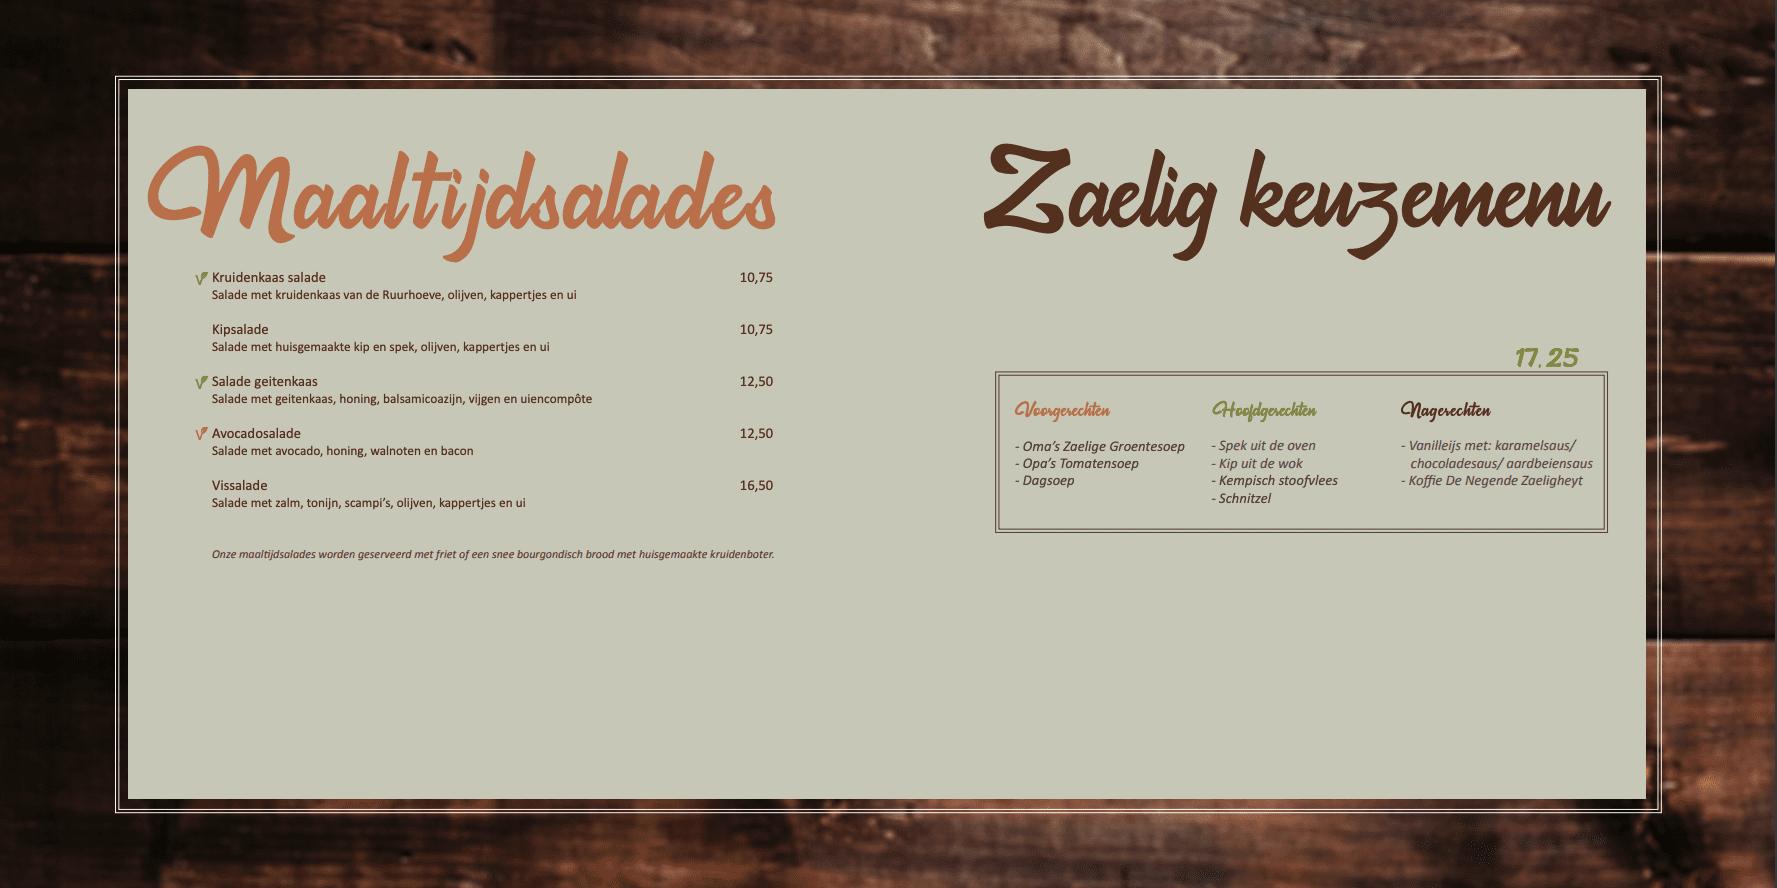 menukaart diner maaltijdsalades en keuzemenu